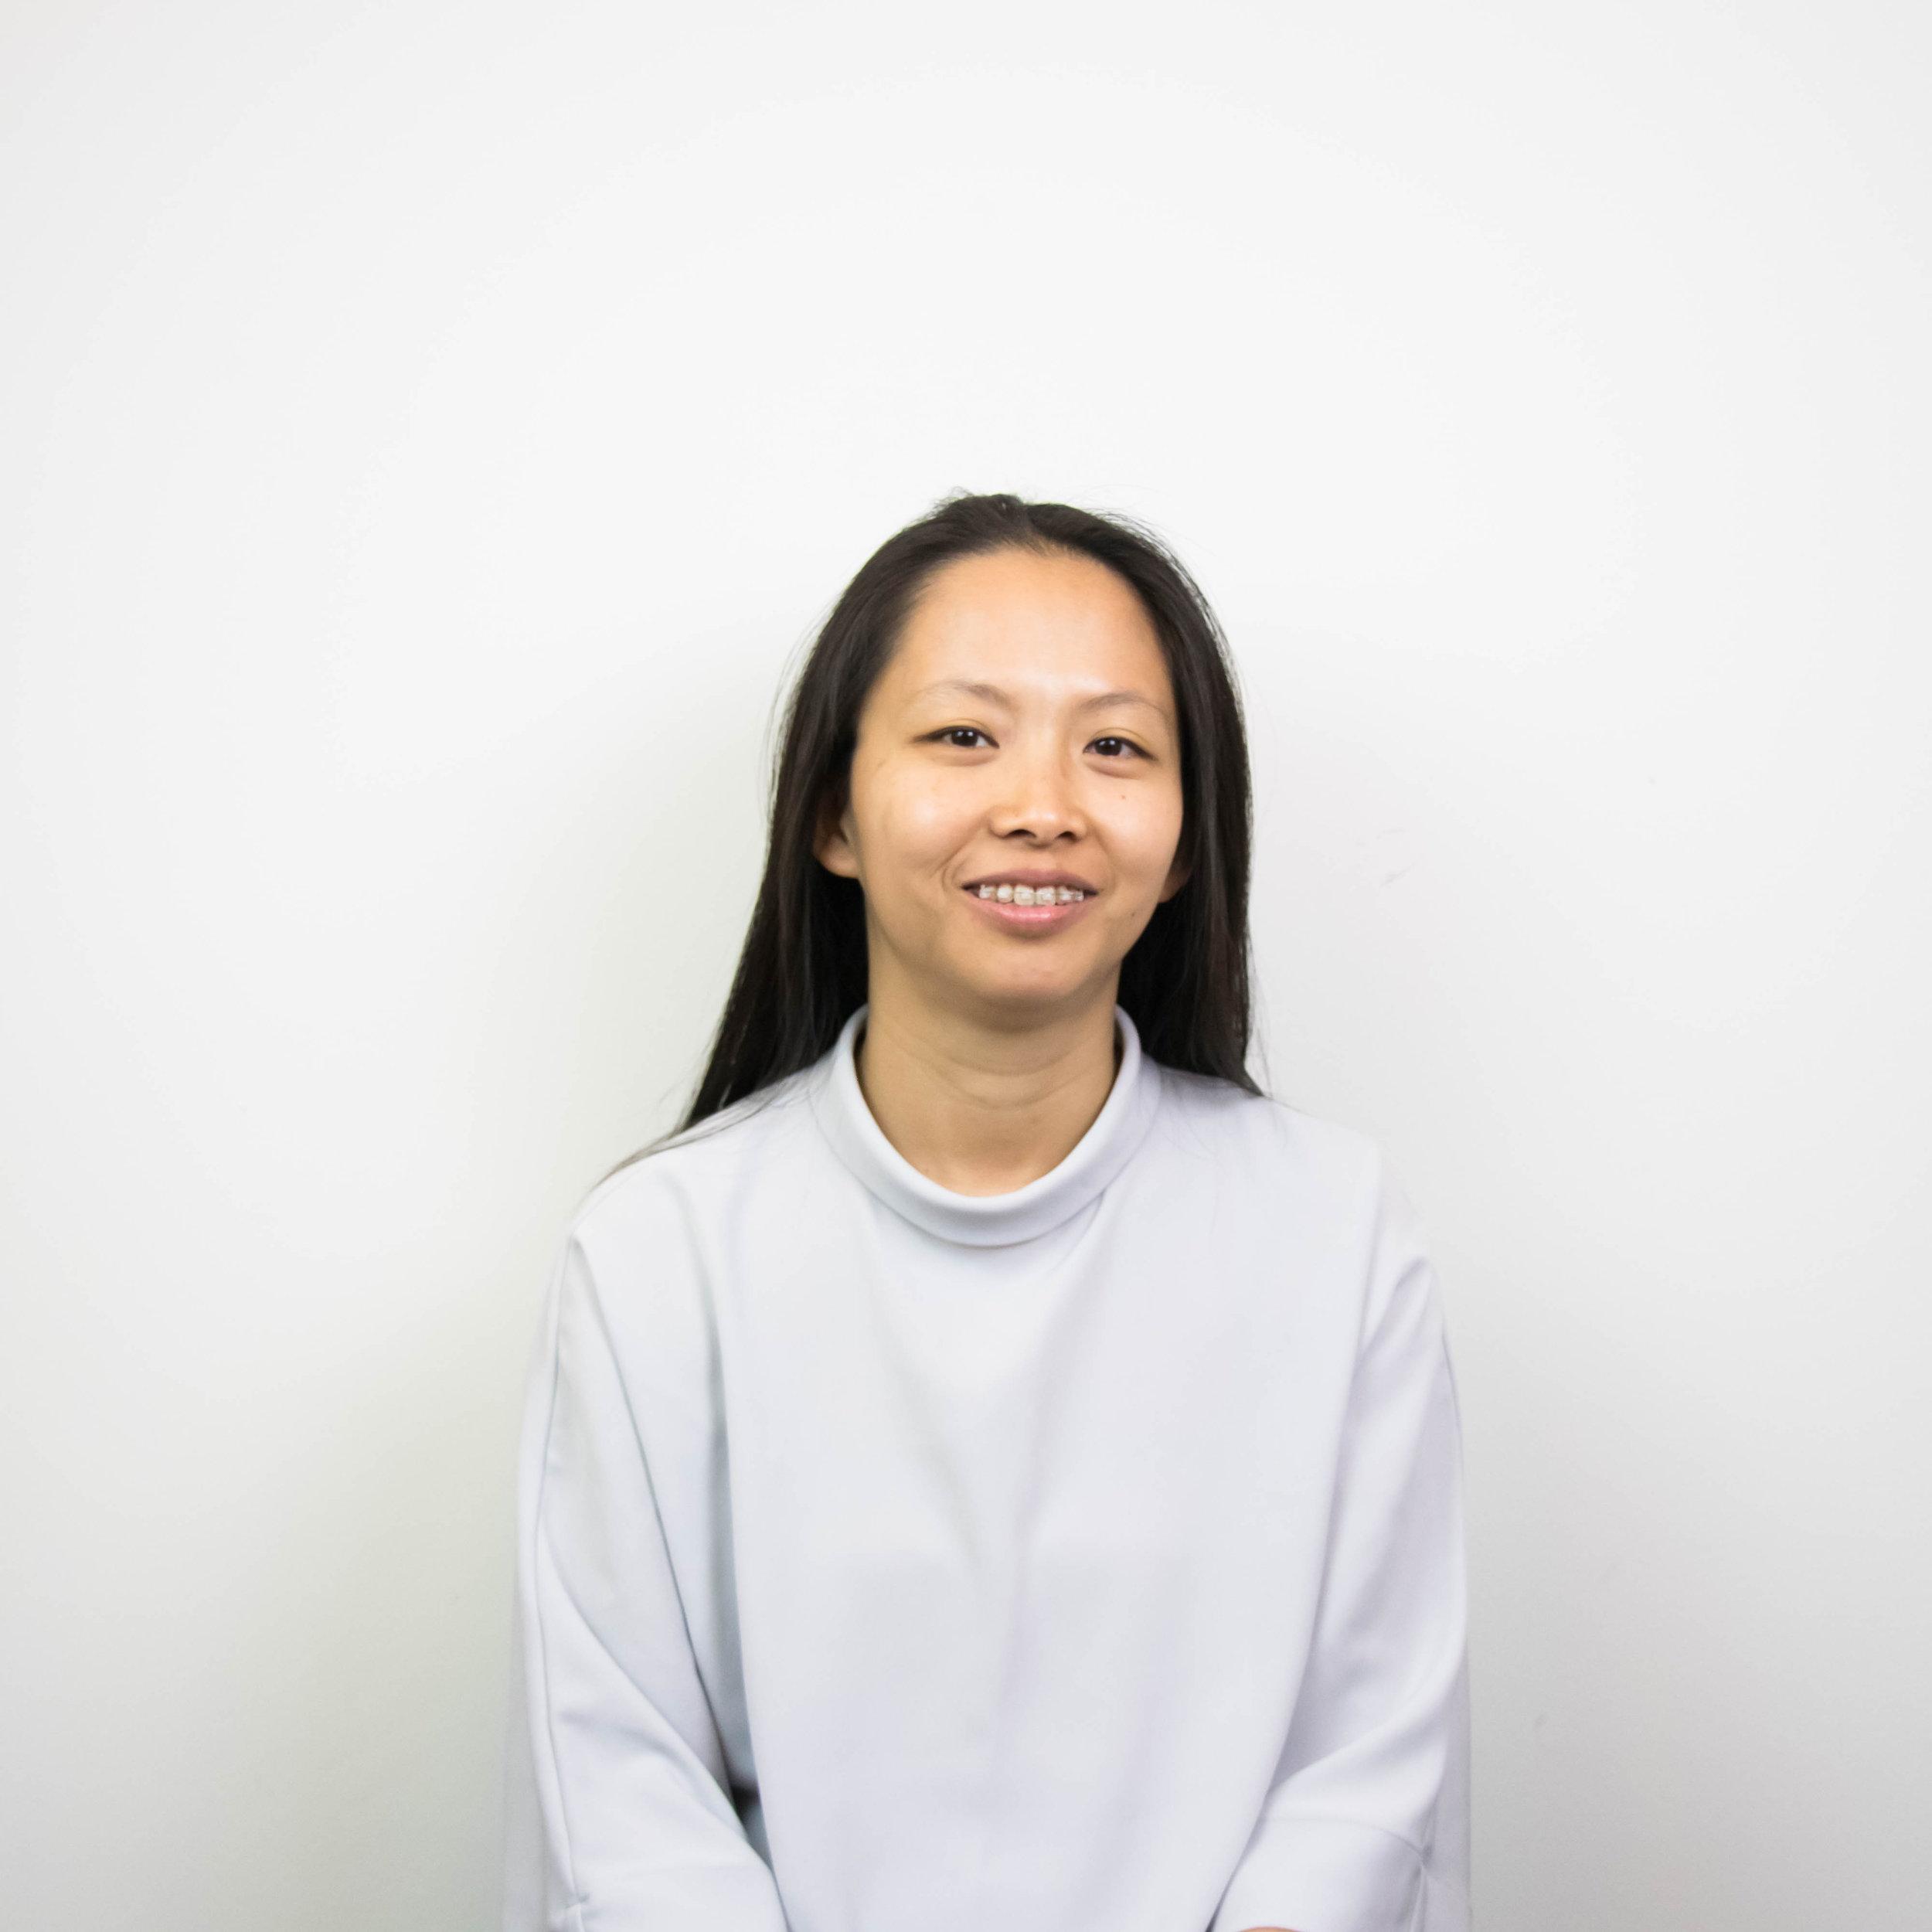 Jane Doe - Partner, Design